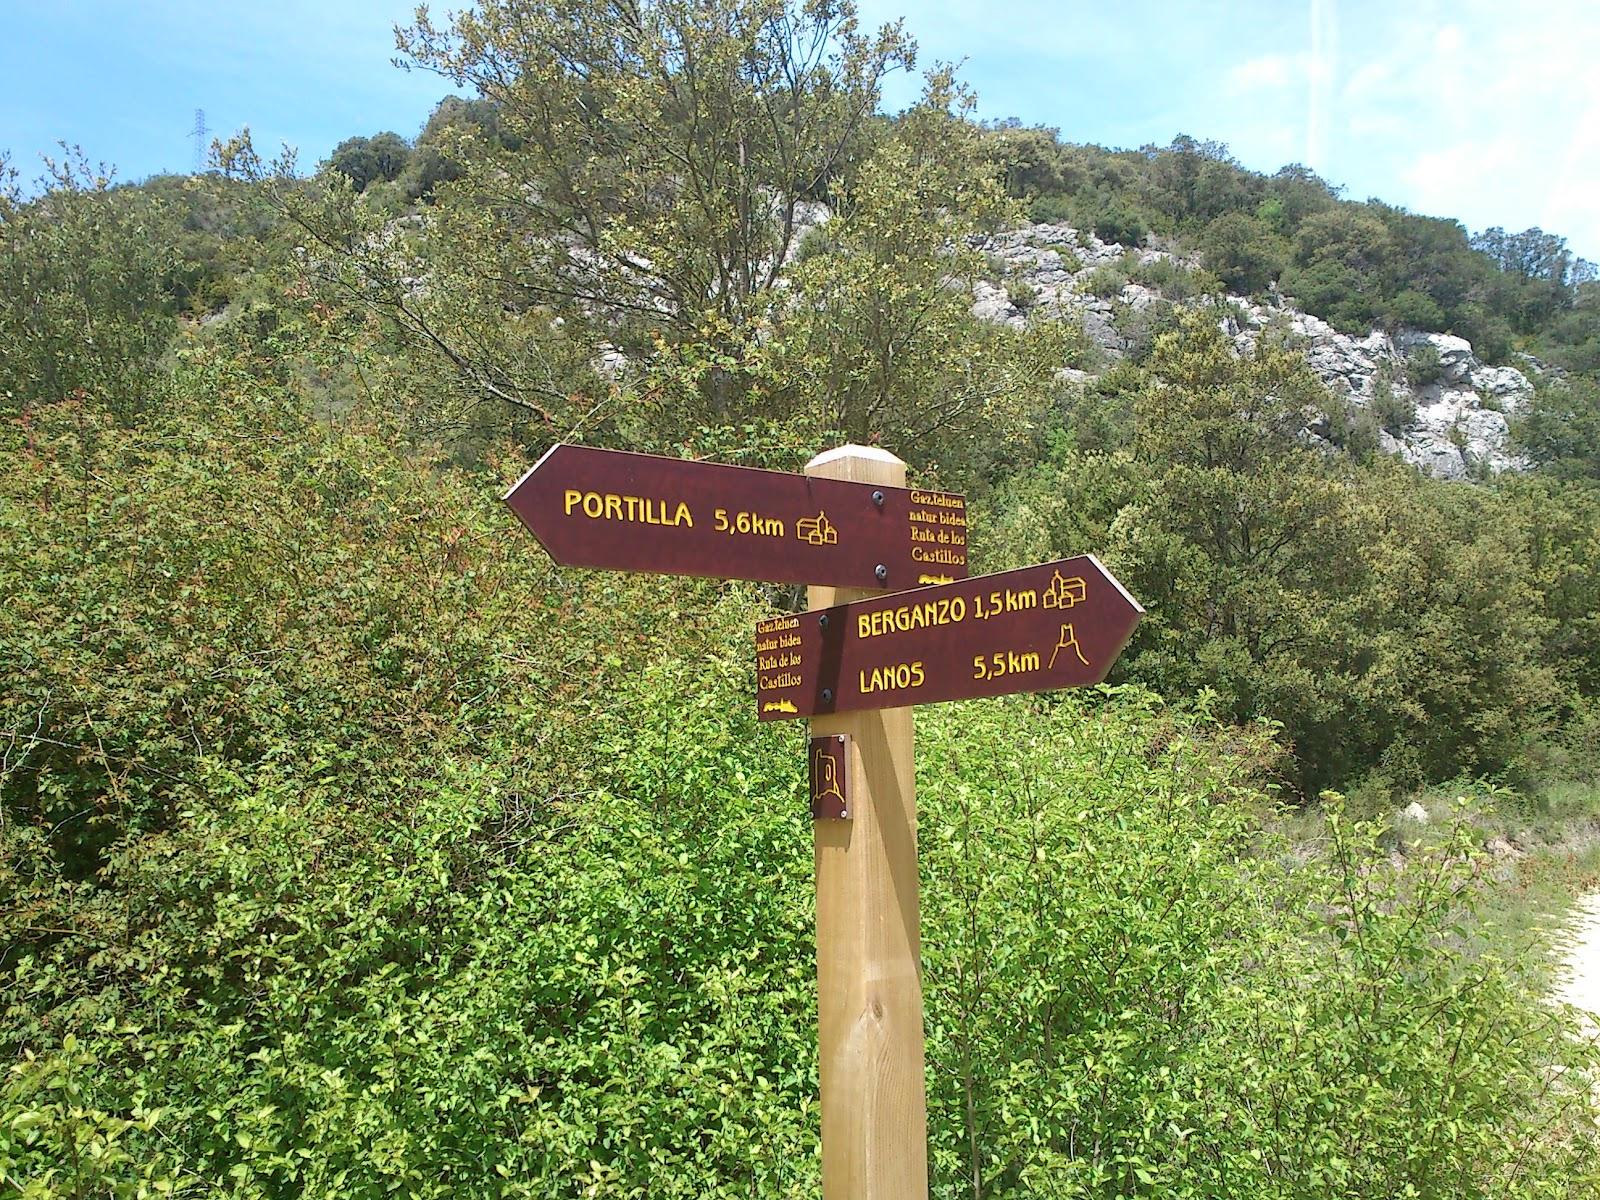 Berganzo: Ruta 2: Circular Berganzo a Portilla por La Rasa